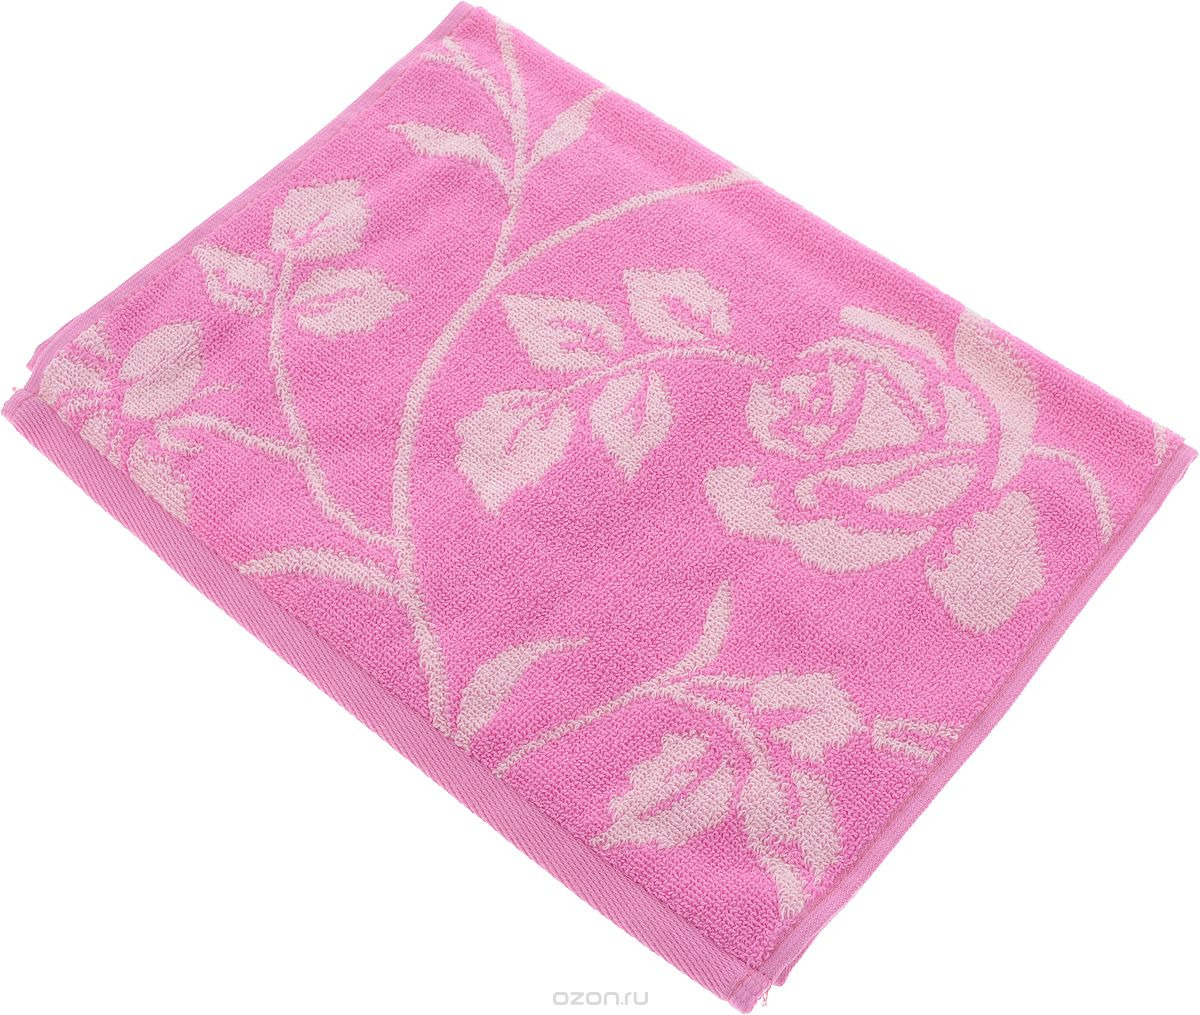 Полотенце Aquarelle Розы 2, цвет: розовый, белый, 70 х 140 см. 710656 полотенце махровое aquarelle волна цвет ваниль 70 x 140 см